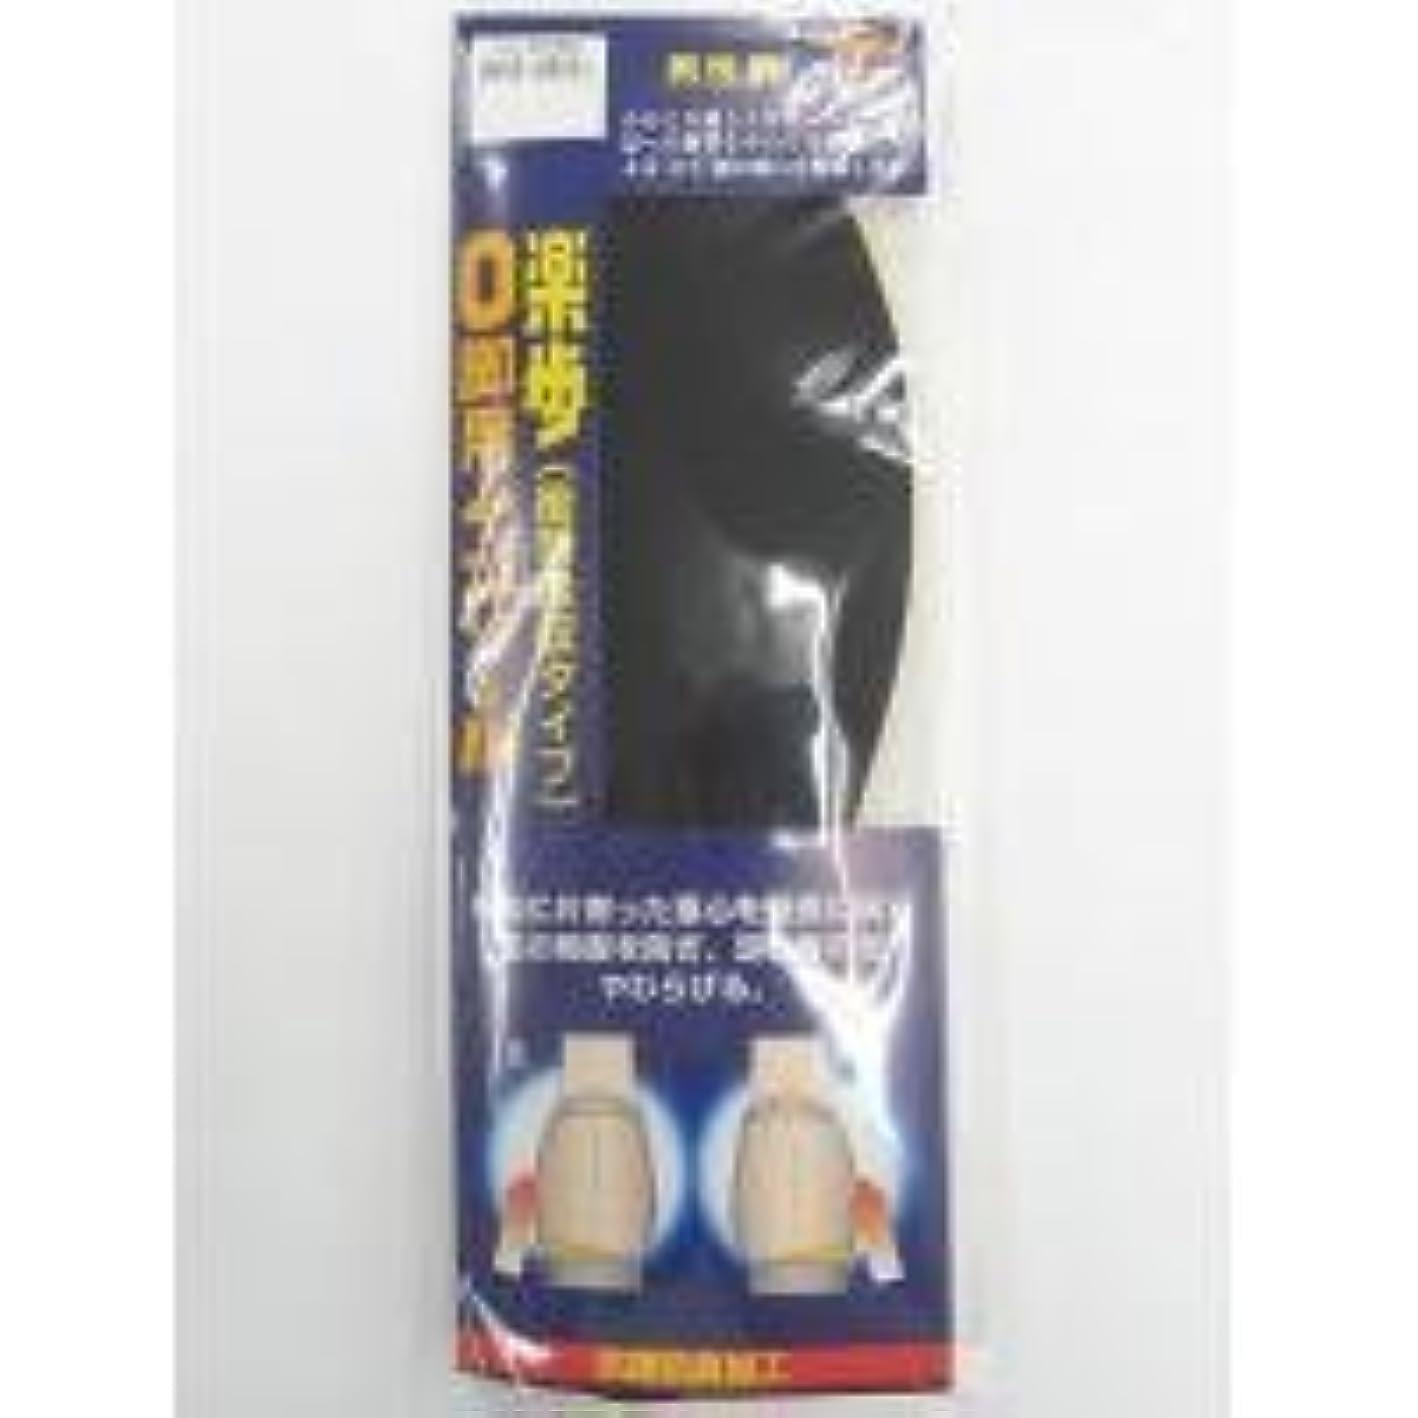 椅子安価な上下する162 アクティカ 楽歩O脚用インソール フリーサイズ(24.0~28.0cm) 男性用 ×2セット